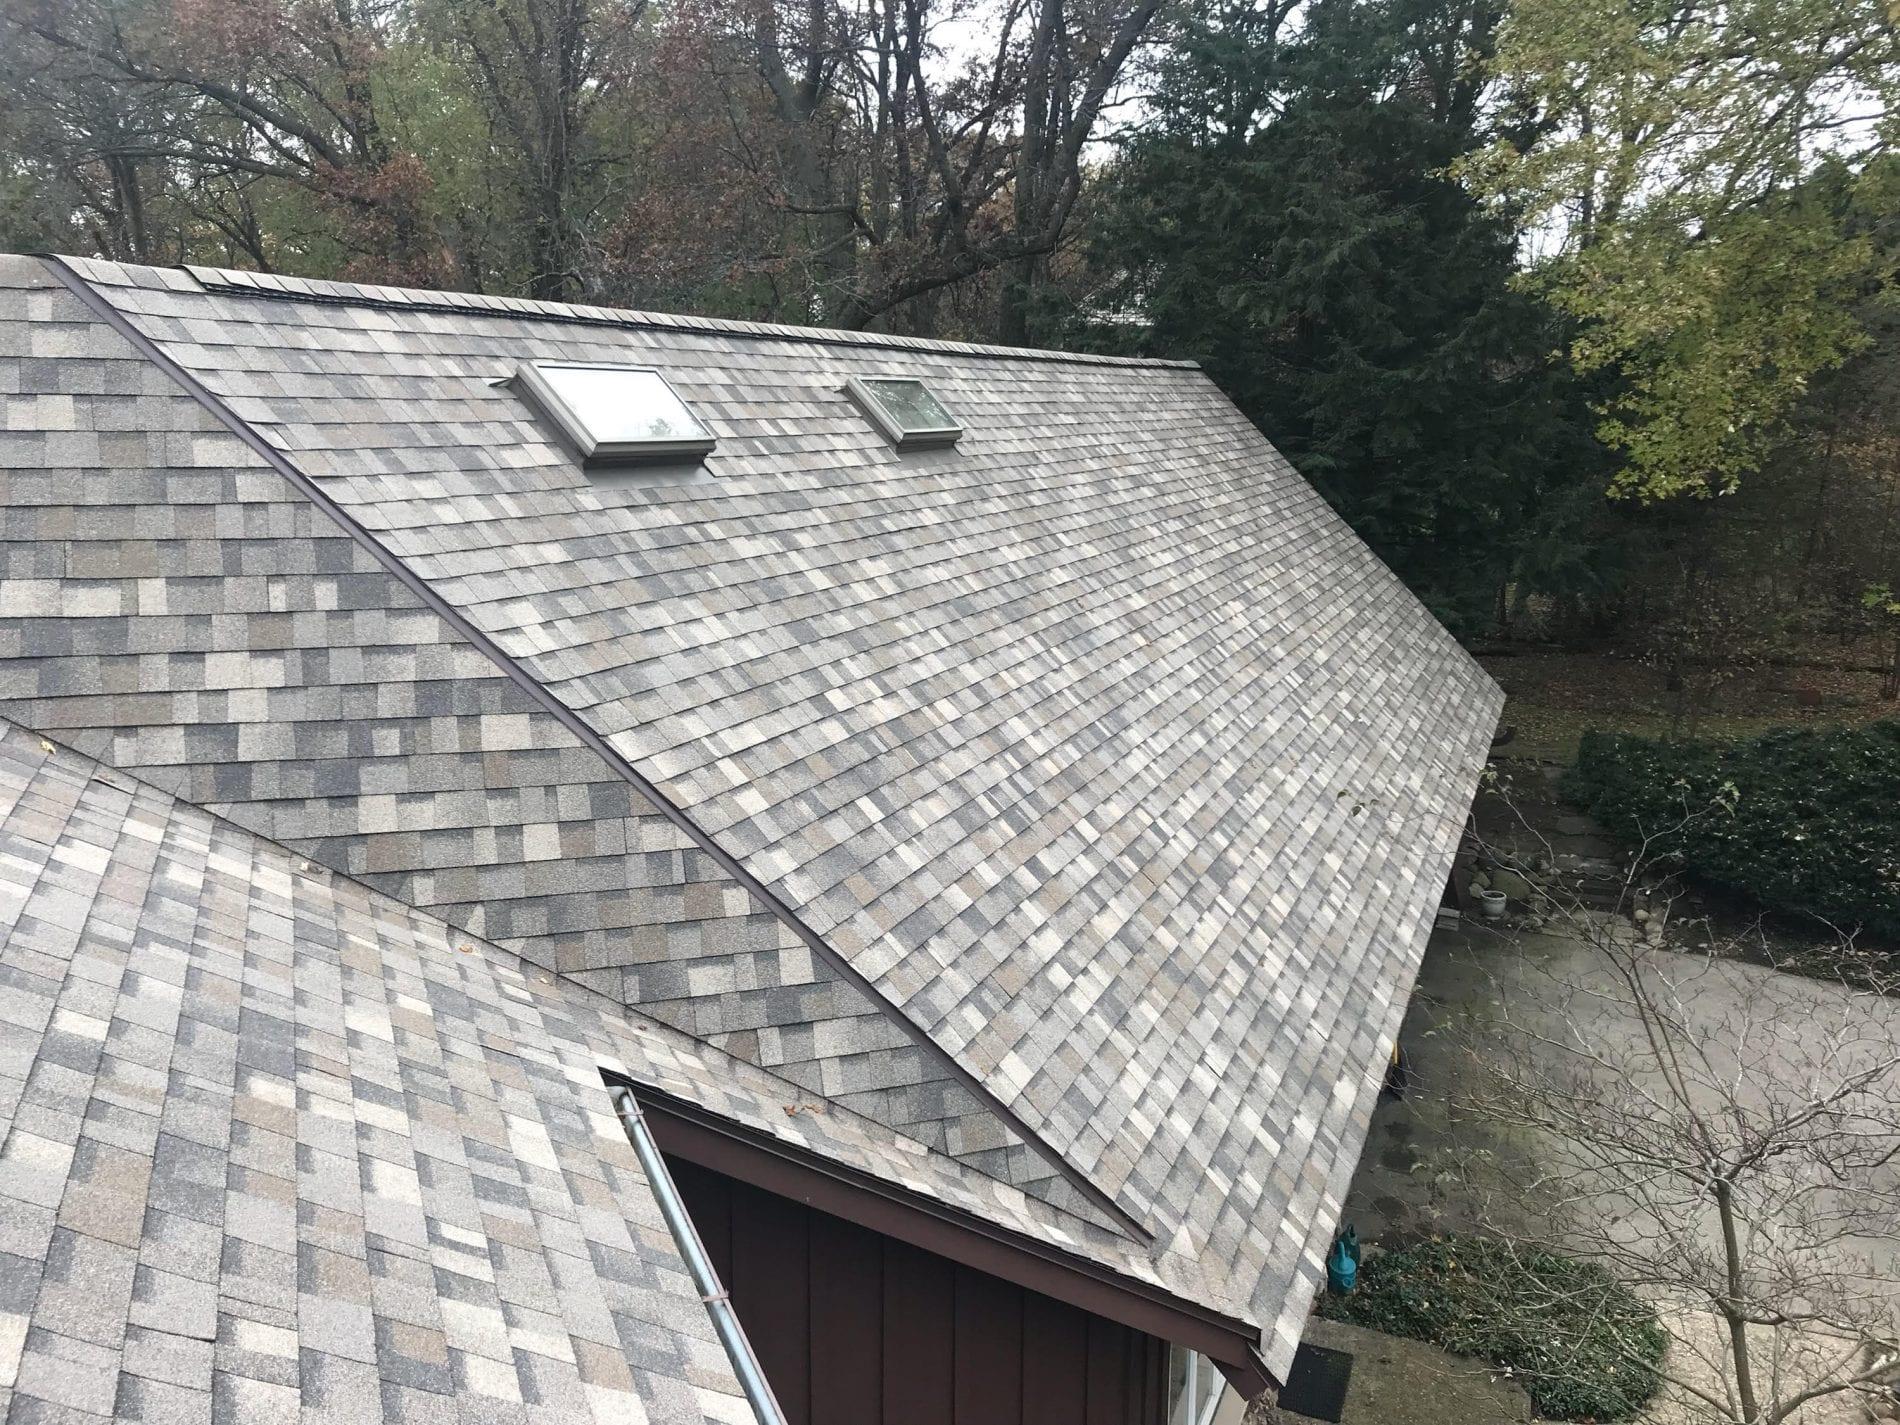 New Asphalt Roof Madison Wi. 21731202_511204085896190_8575810236483614203_n